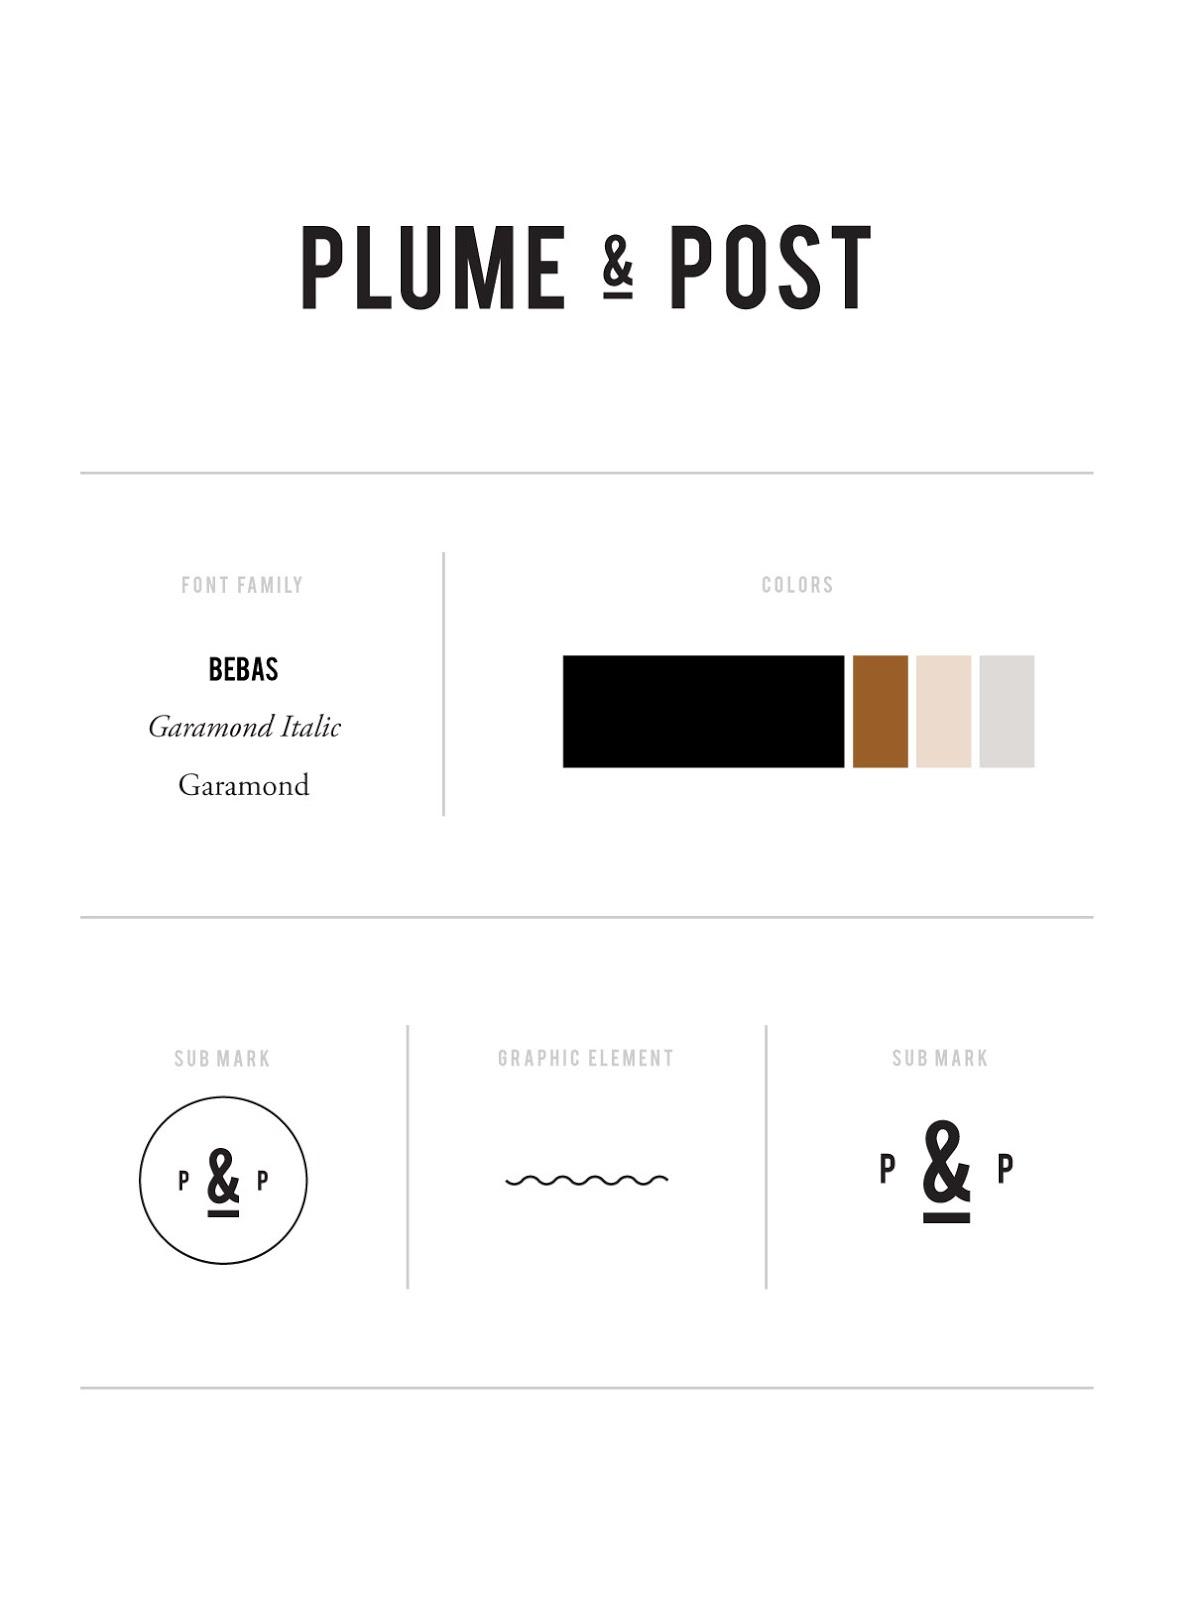 Plume & Post Branding